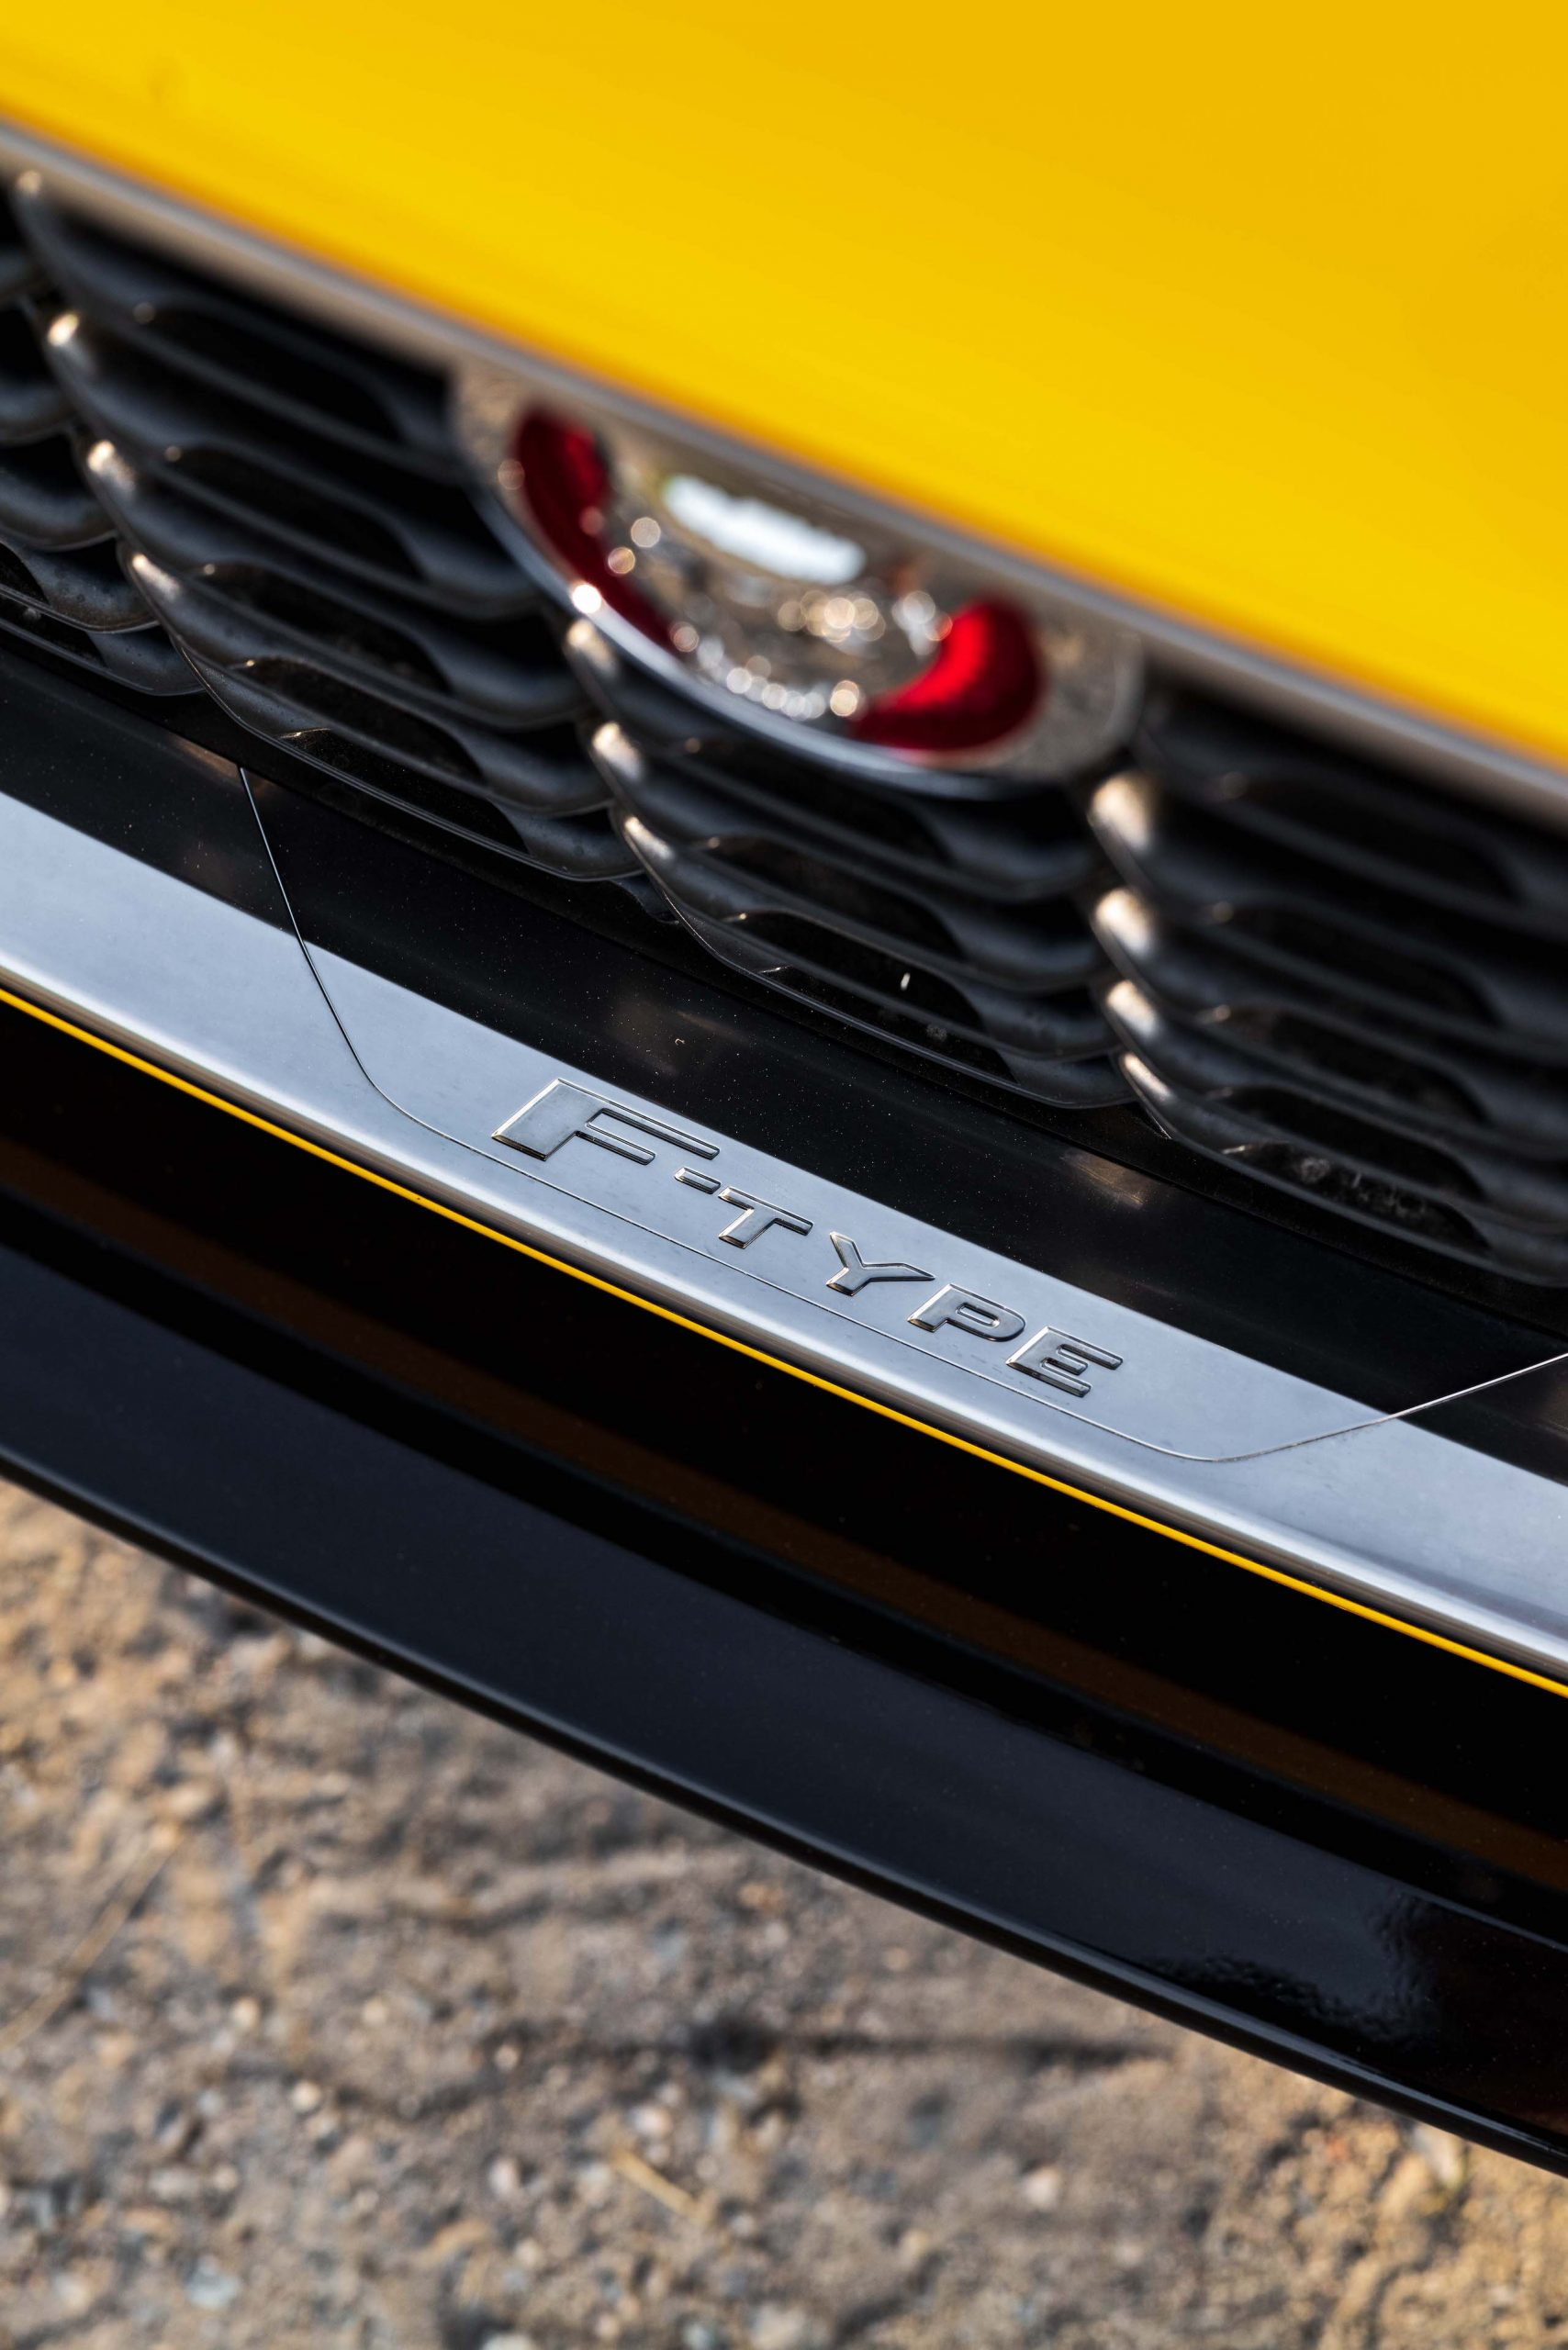 2021 Jaguar F-TYPE_R Coupe grille detail